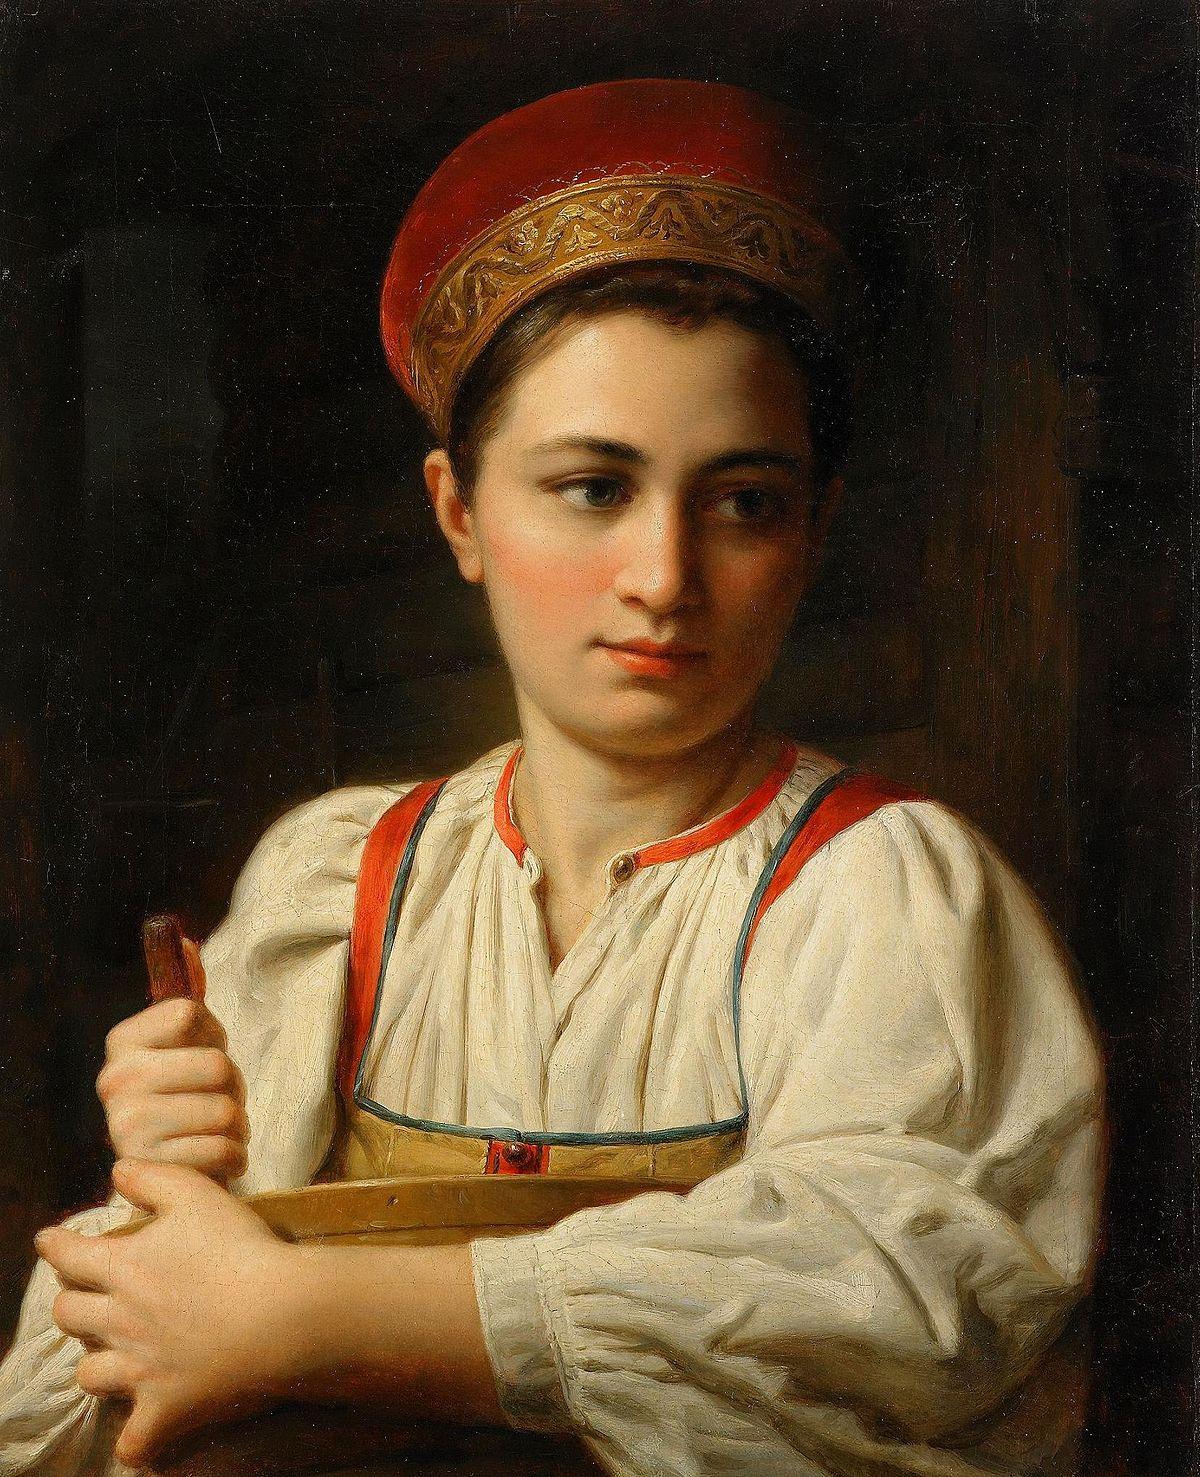 Что для русской женщины означало ношение кокошника